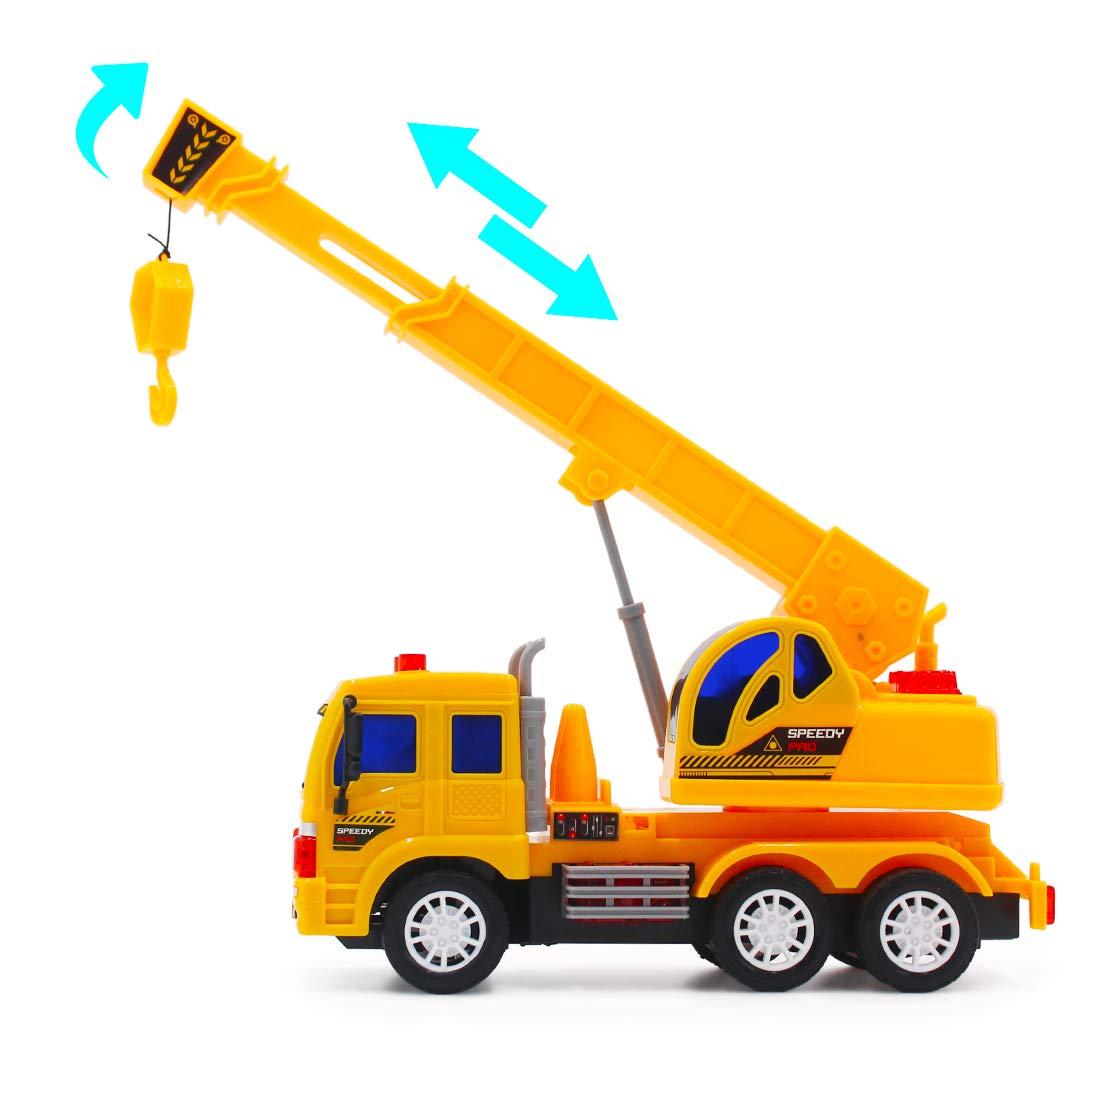 5 Kan/äle Fahrzeug mit Ger/äusch-und Lichteffekten Anf/änger Level Kranwagen deAO RC LKW funkgesteuerte Baustellenfahrzeug-Serie